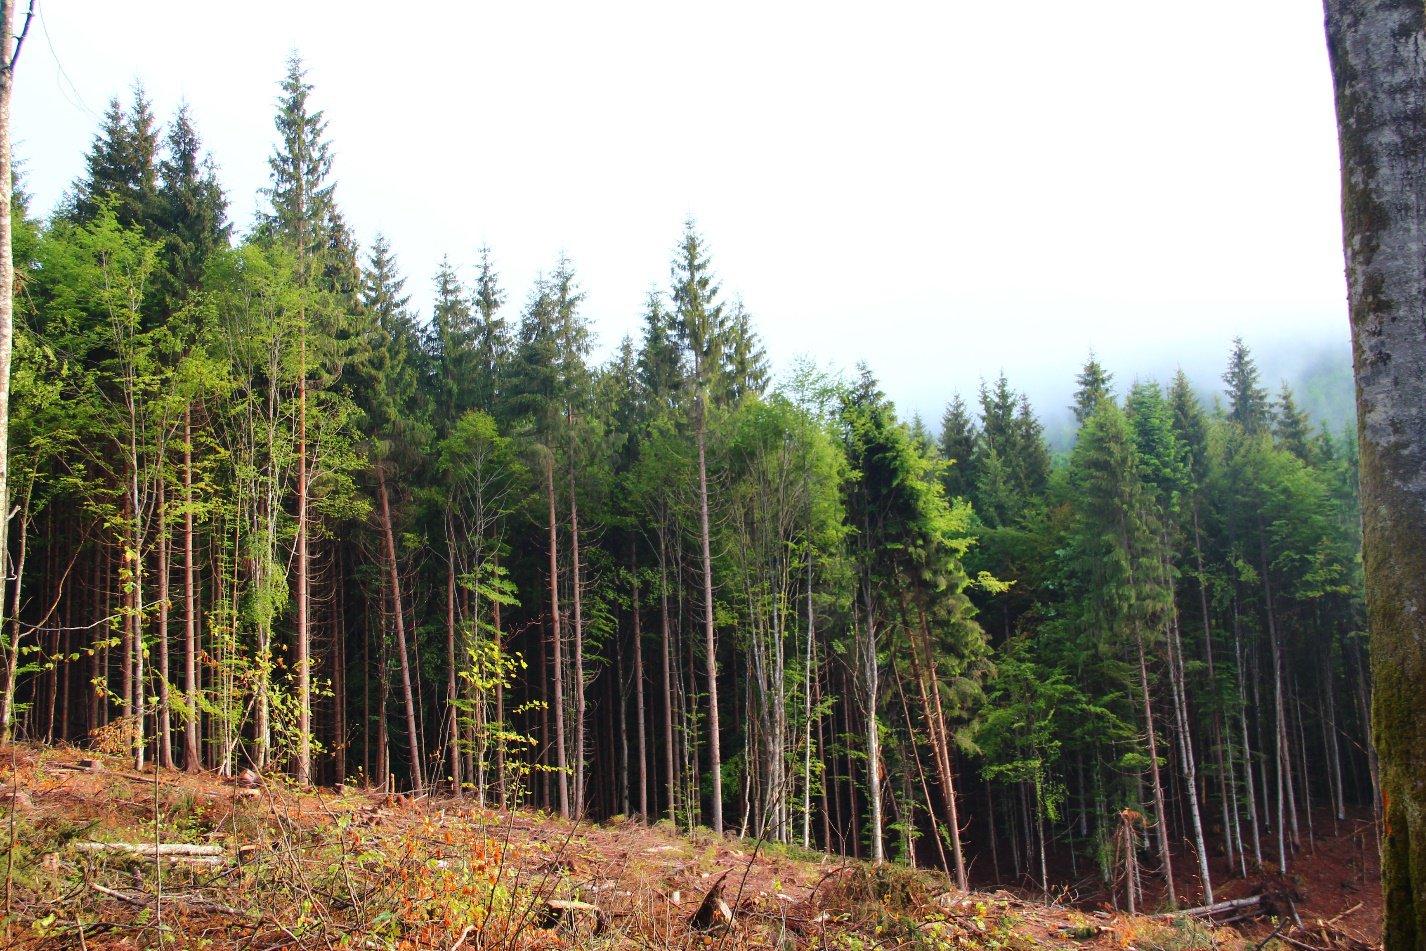 «Хворий та вітровальний» берегозахисний ліс у Брустурянському лісгоспі, який мав би бути захищений новим законом. У липні 2020 року зрубаний суцільною санітарною рубкою. Фото: FreeSvydovets